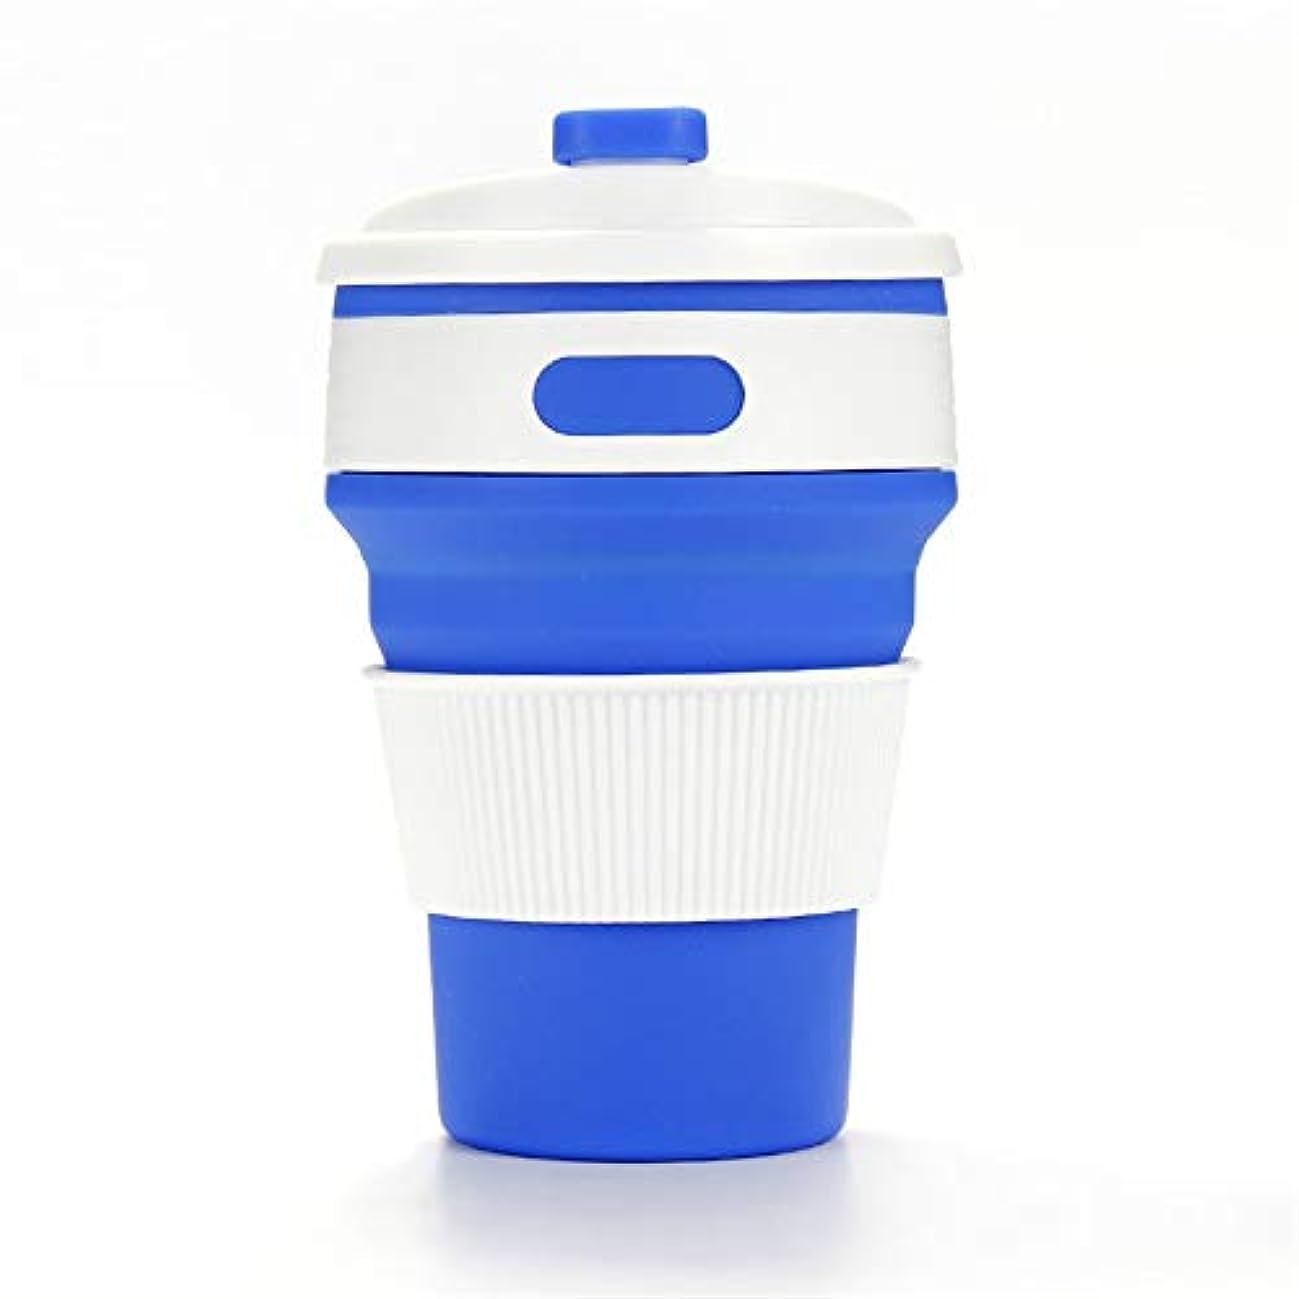 血まみれの説明リースWanna Home オフィス旅行旅行屋外ウォーターマグマグ漏れ防止カップコーヒーカップ折りたたみポータブルホームオフィス屋外 (色 : 青)